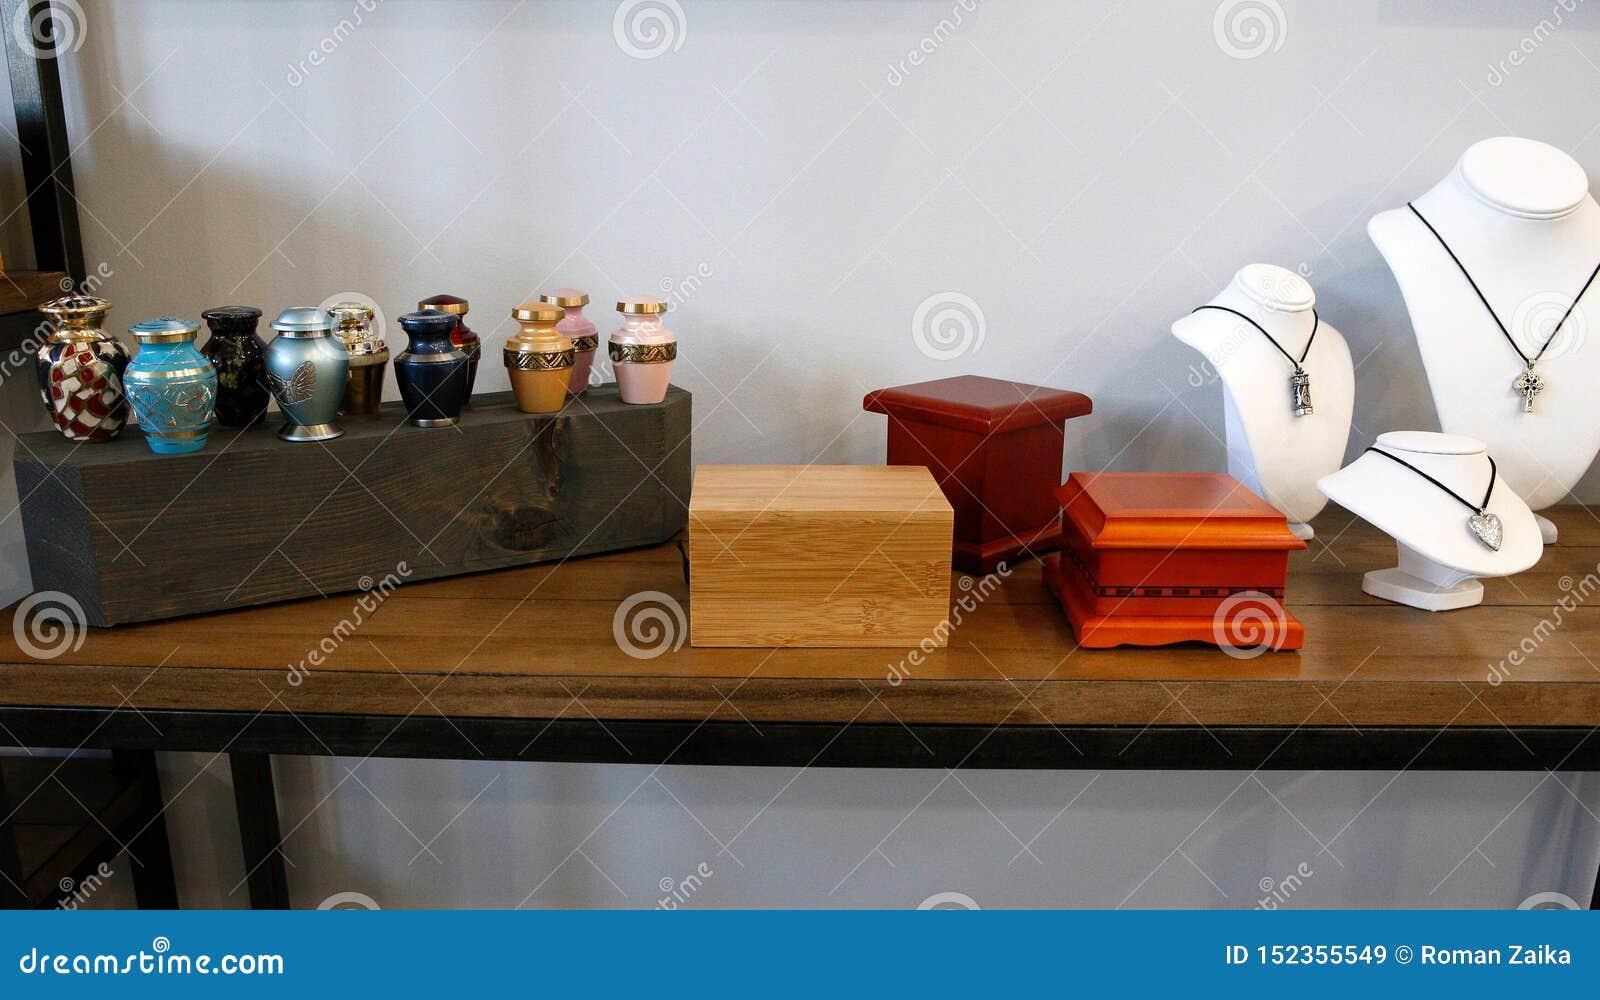 Erwachsene Verbrennungsurnen auf einer Holzoberfläche